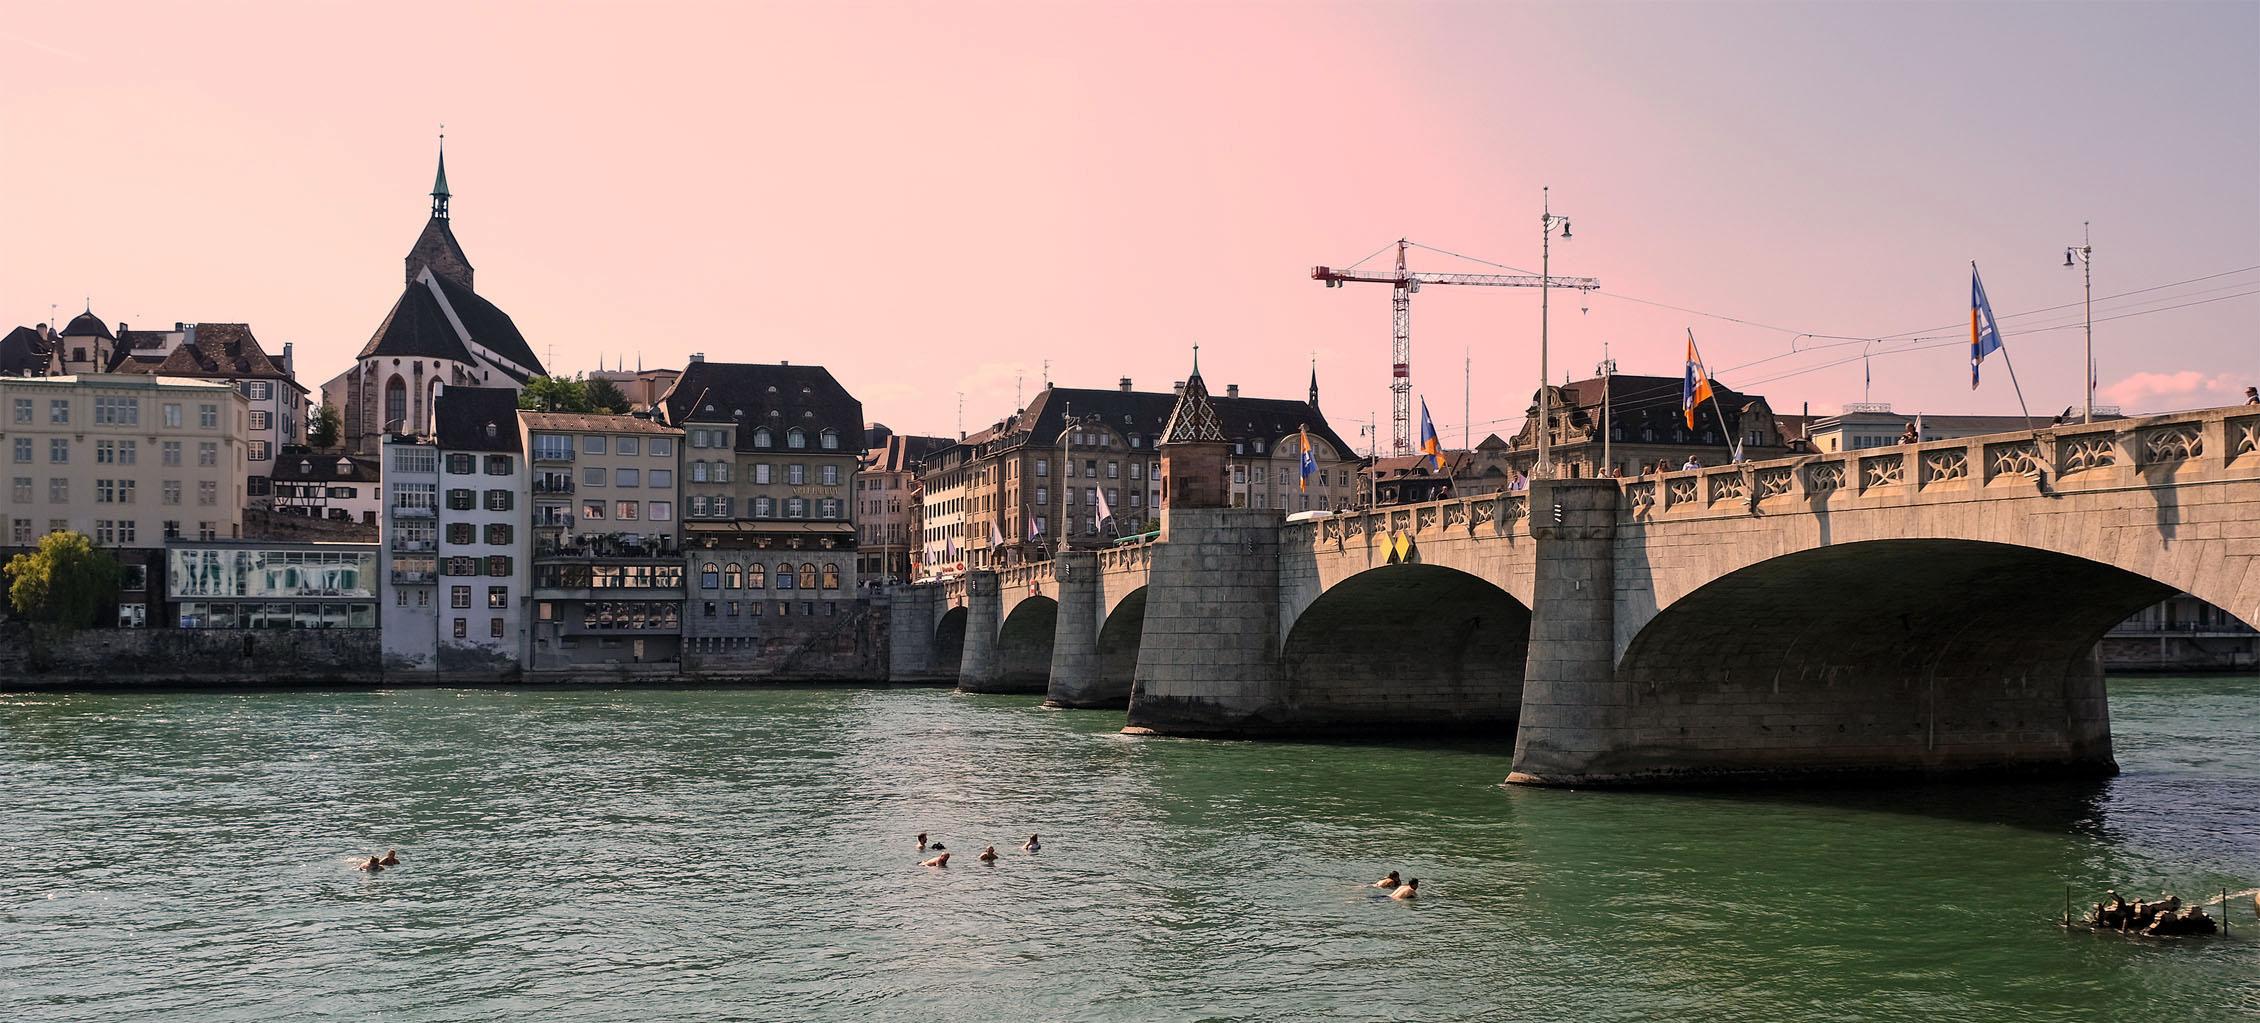 Die Rheinschwimmer